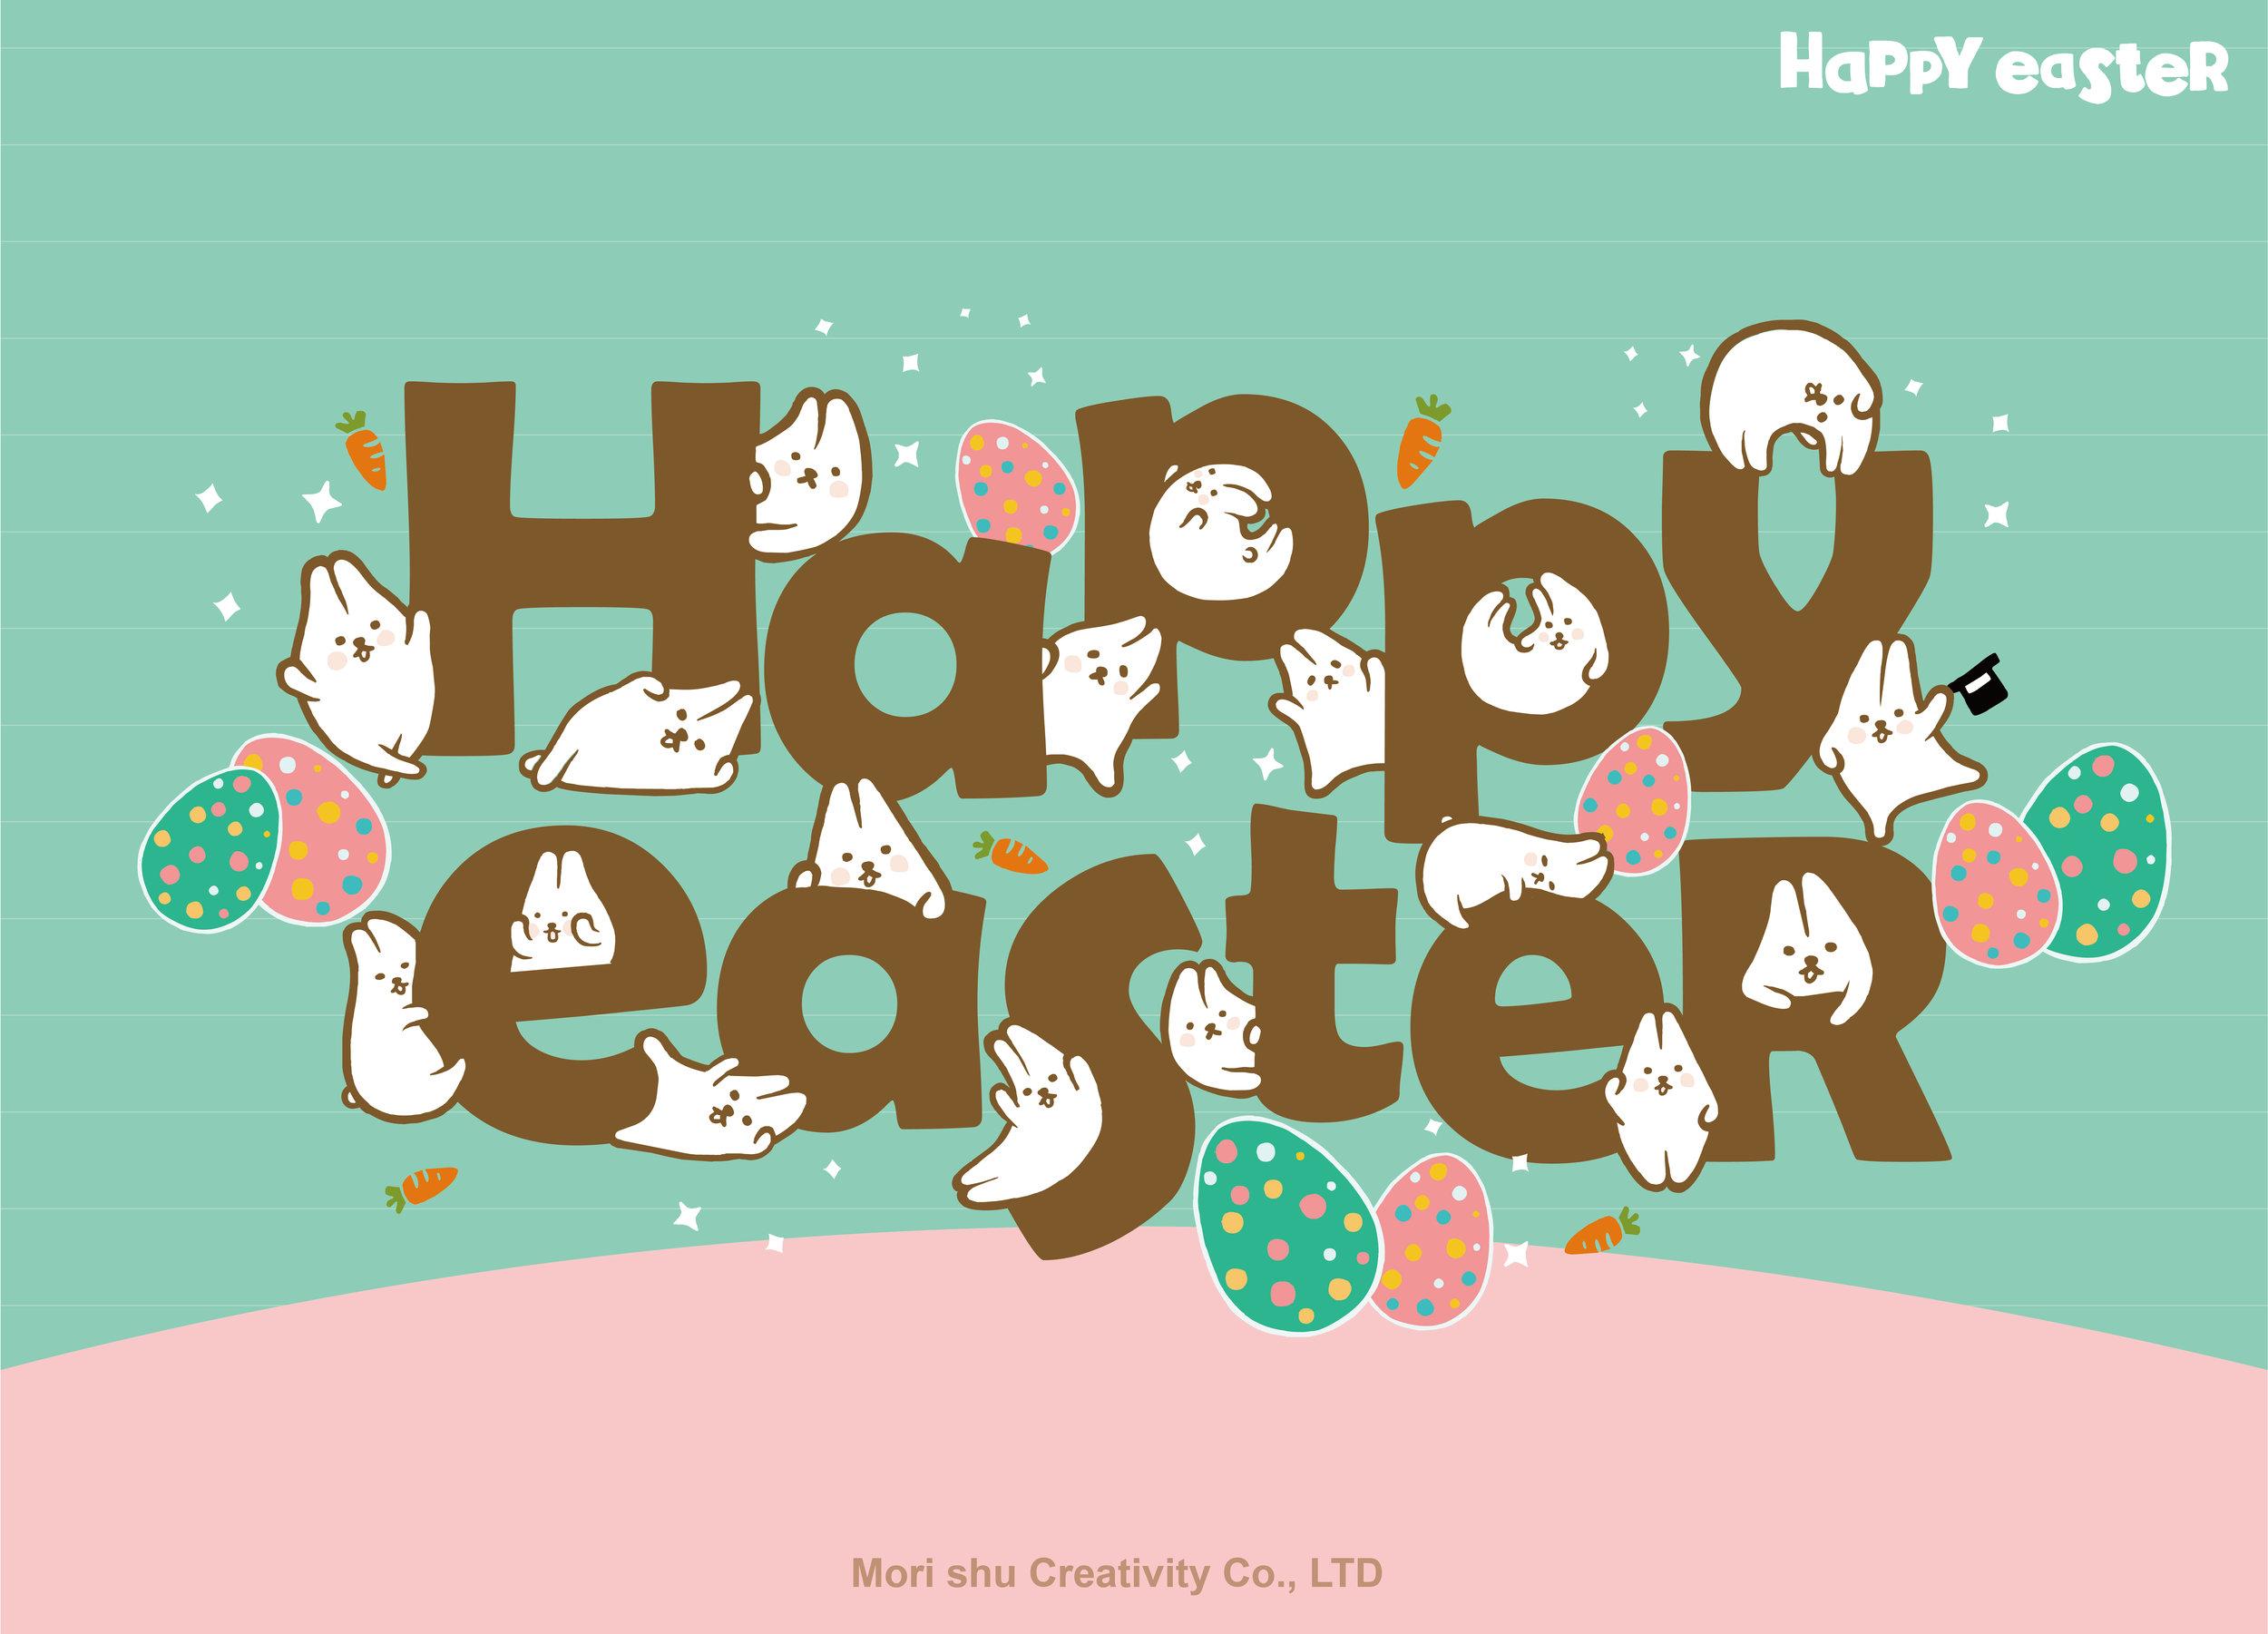 happyeaster_02.jpg